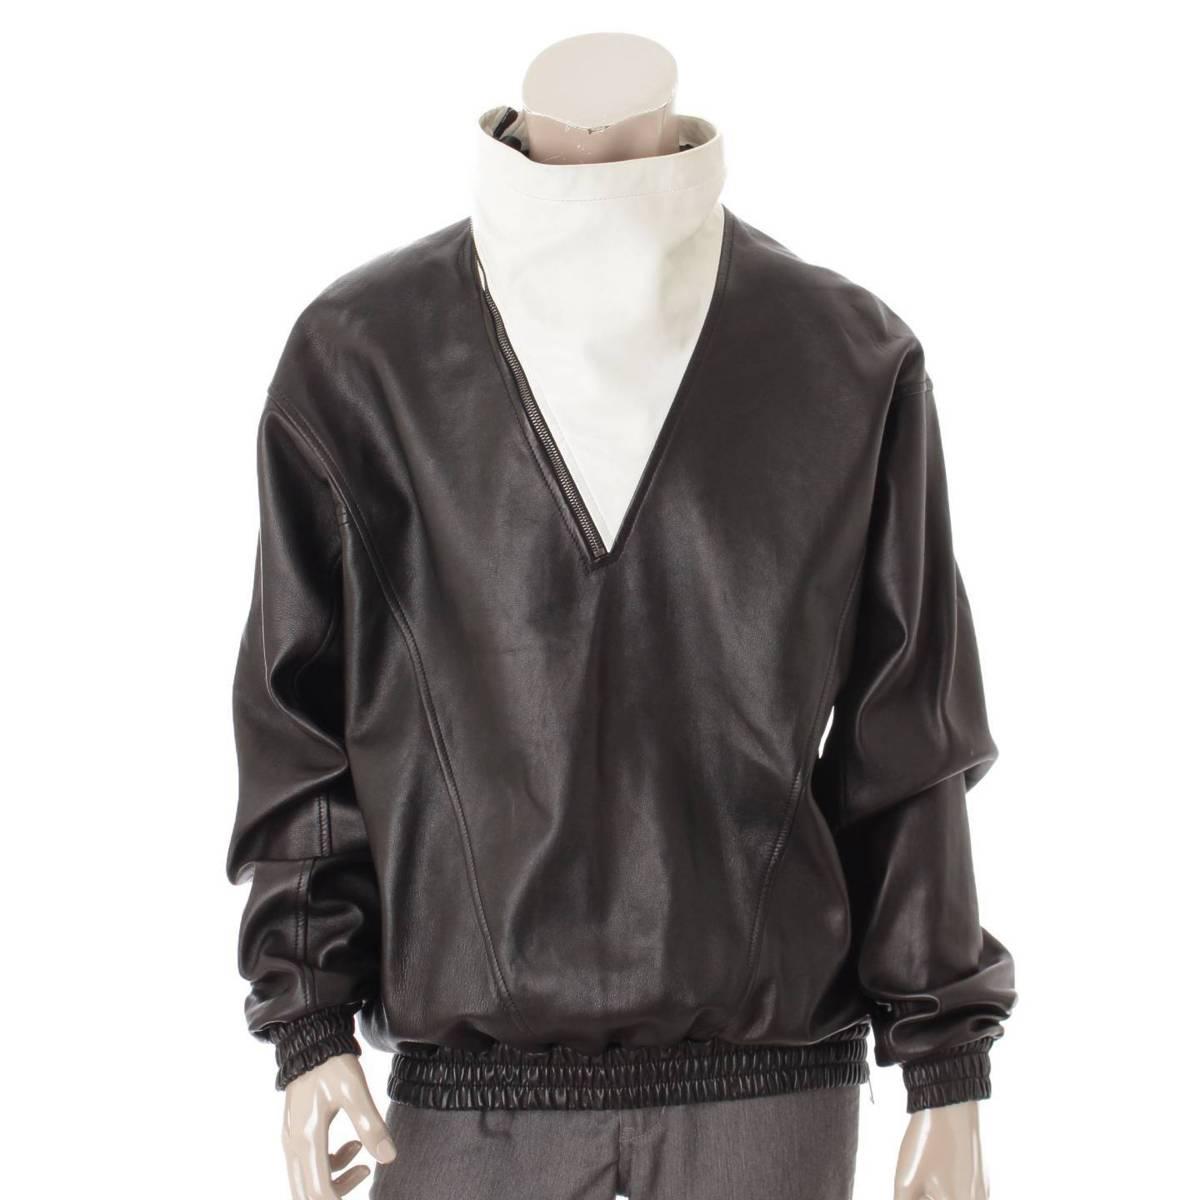 【ジバンシー】GIVENCHY メンズ バイカラー レザージャケット トップス ブラック×ホワイト 48 【中古】【鑑定済・正規品保証】83120